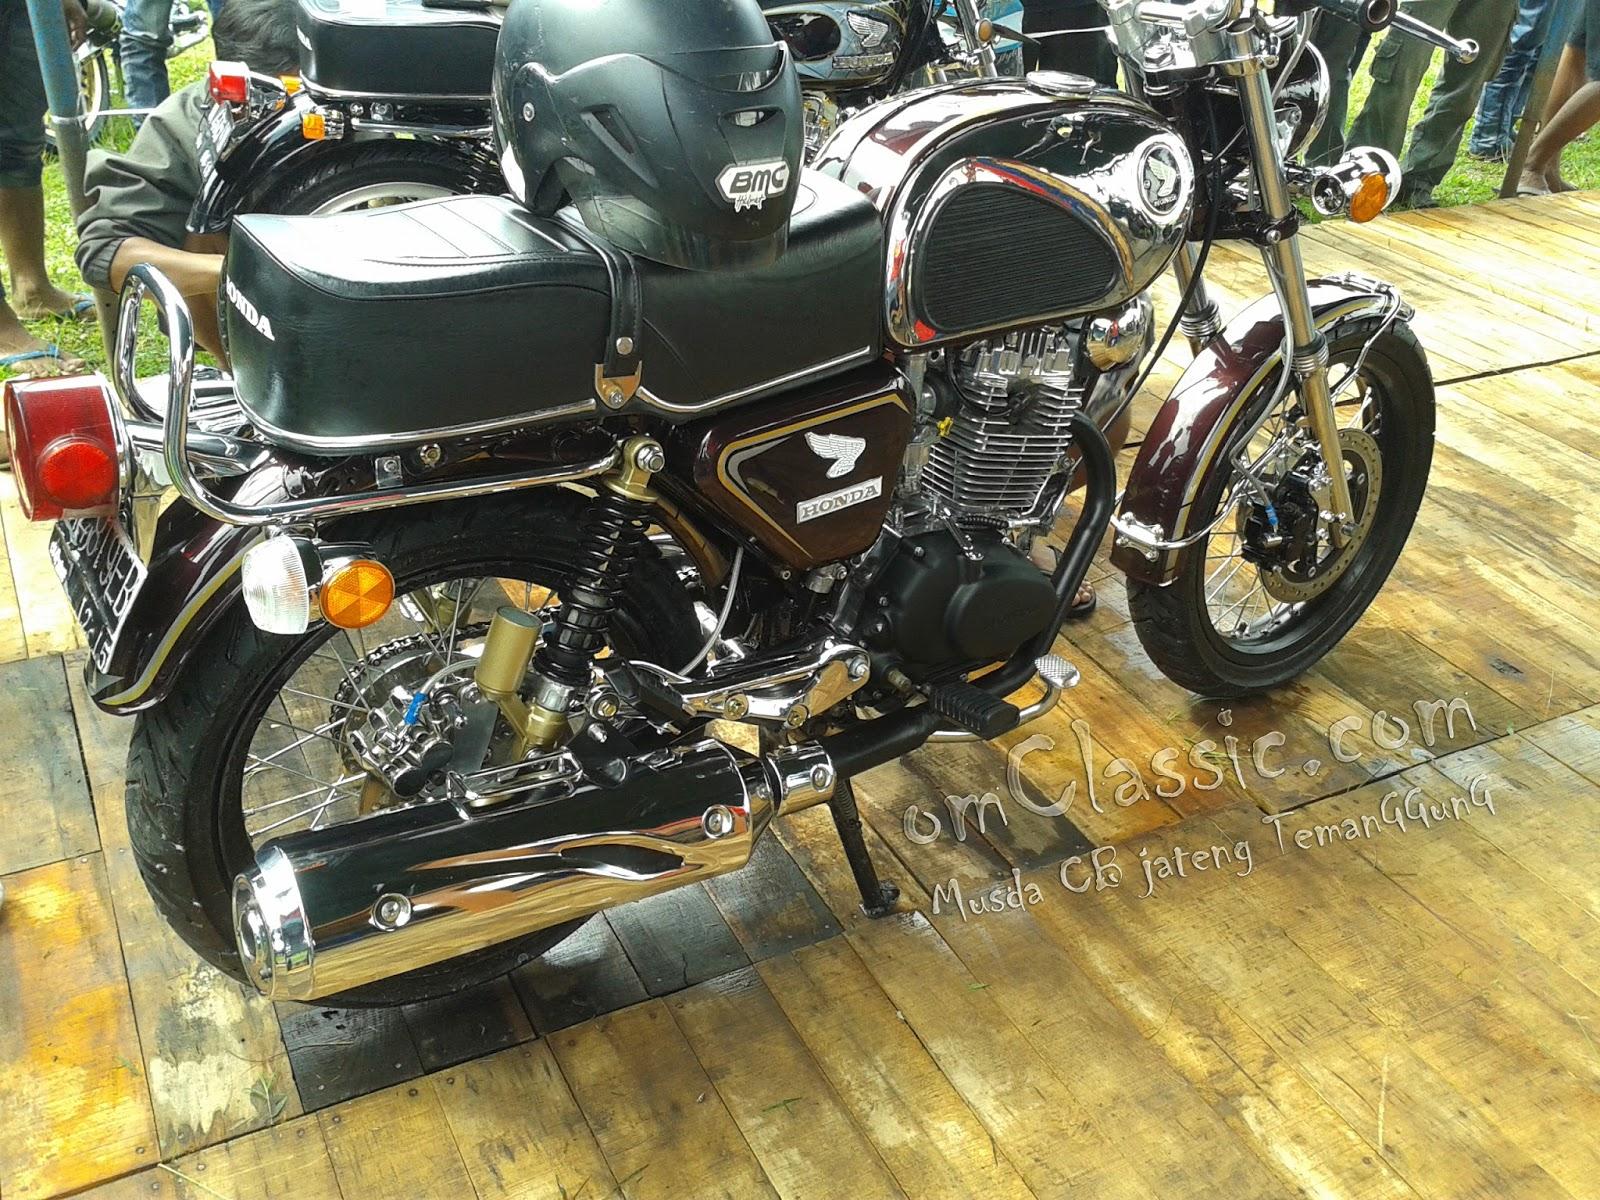 108 Modifikasi Motor Cb Ban Besar Modifikasi Motor Honda CB Terbaru